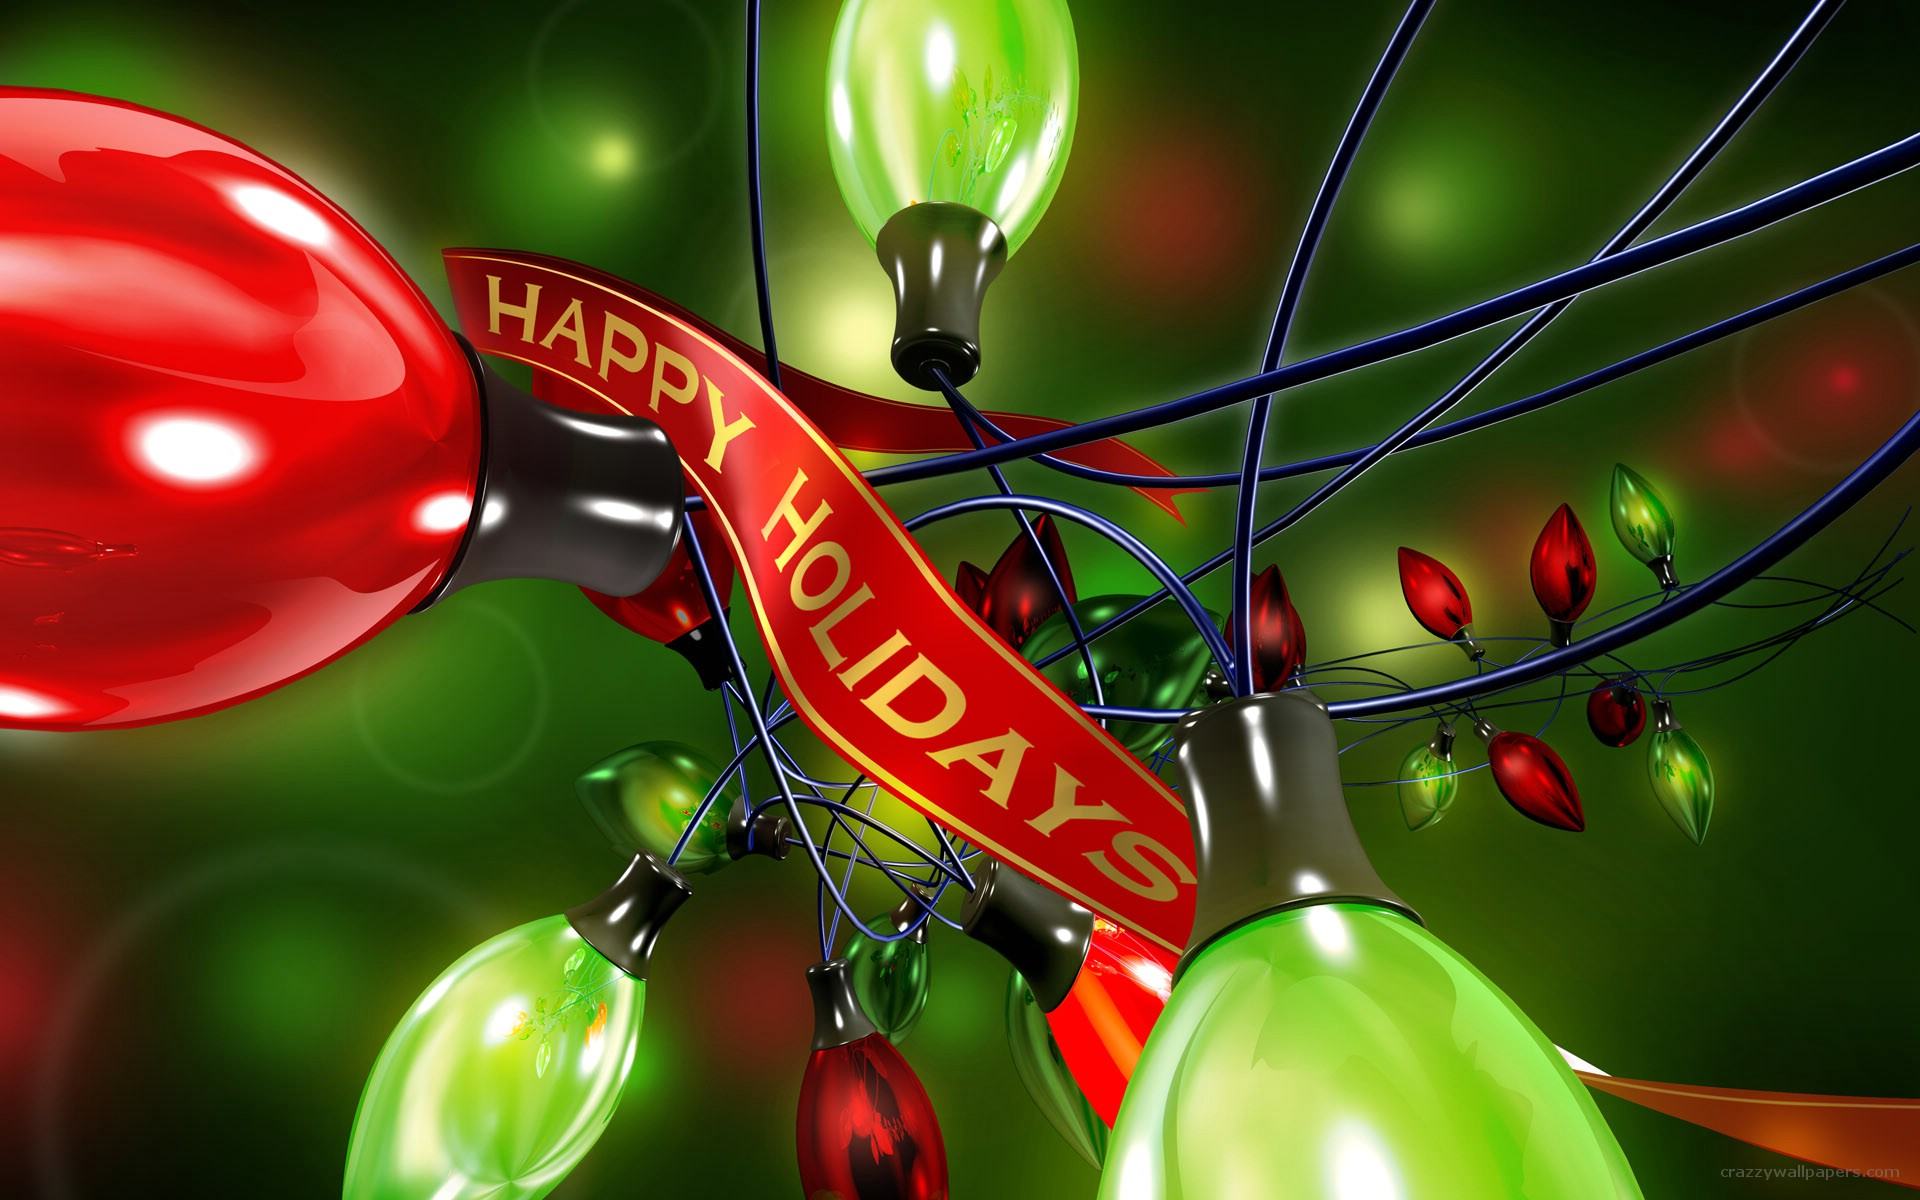 merry-Christmas-Widescreen-wallpaper.jpg